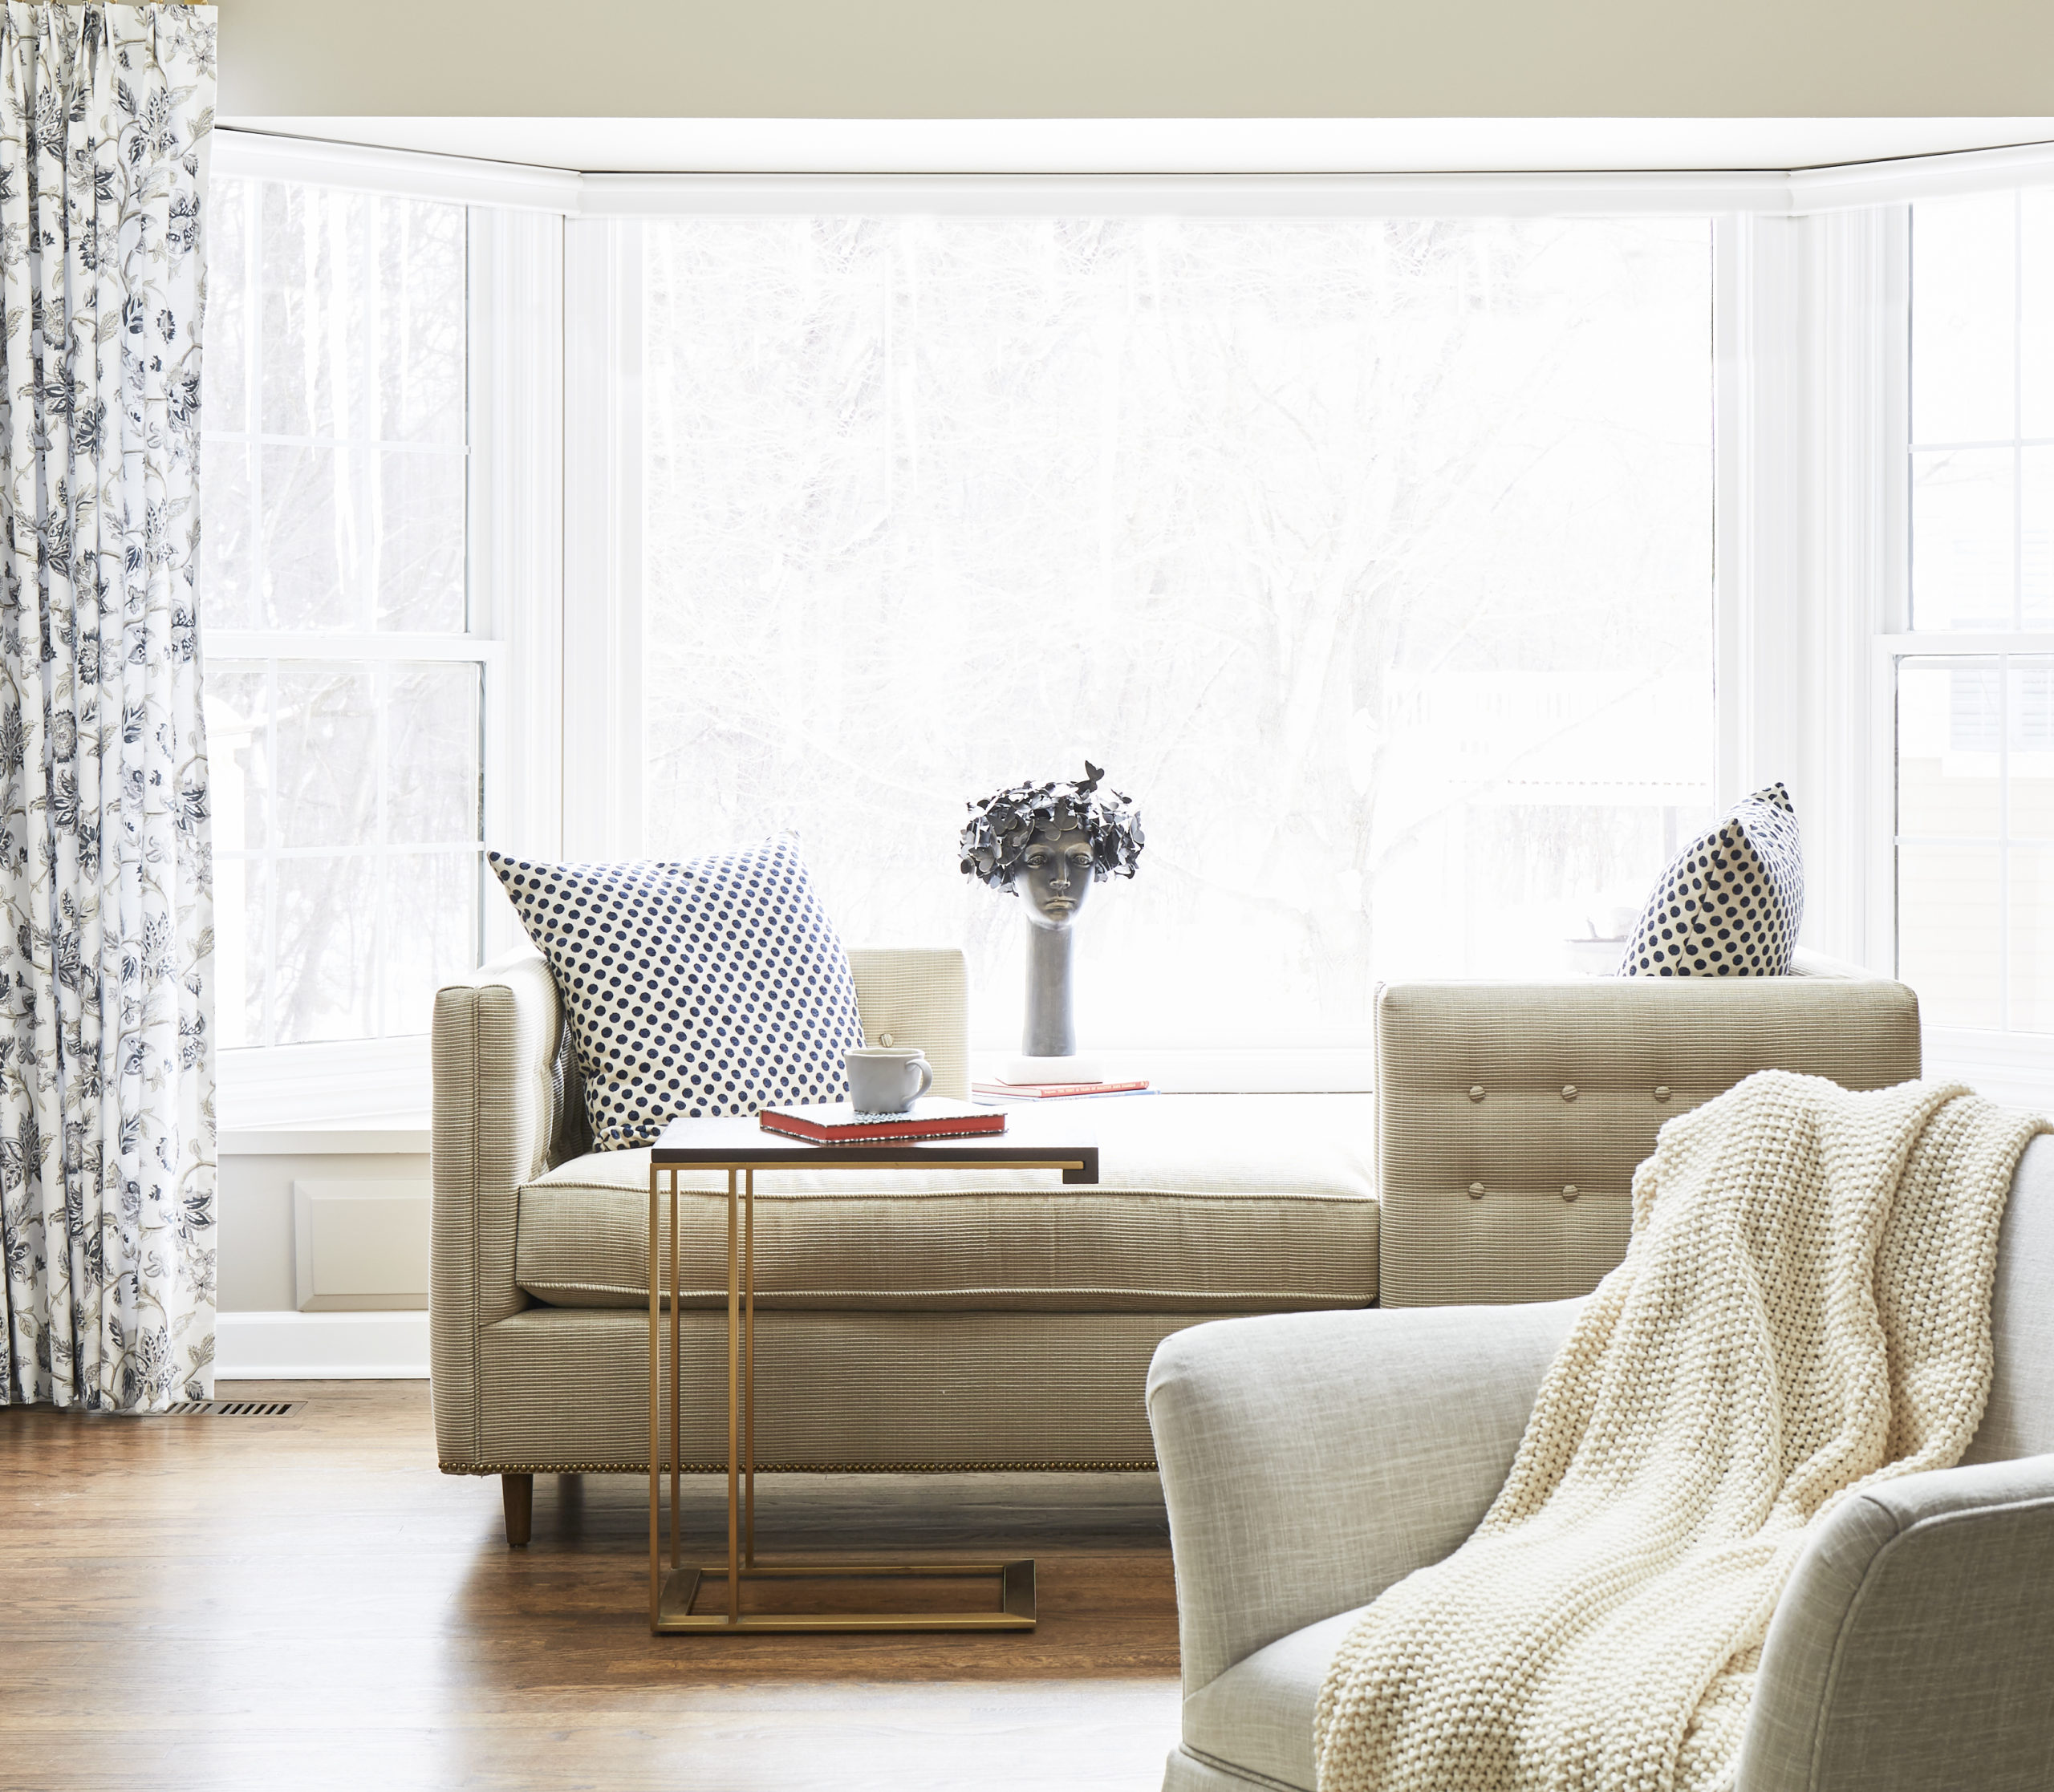 redux-interior-design-seating-area